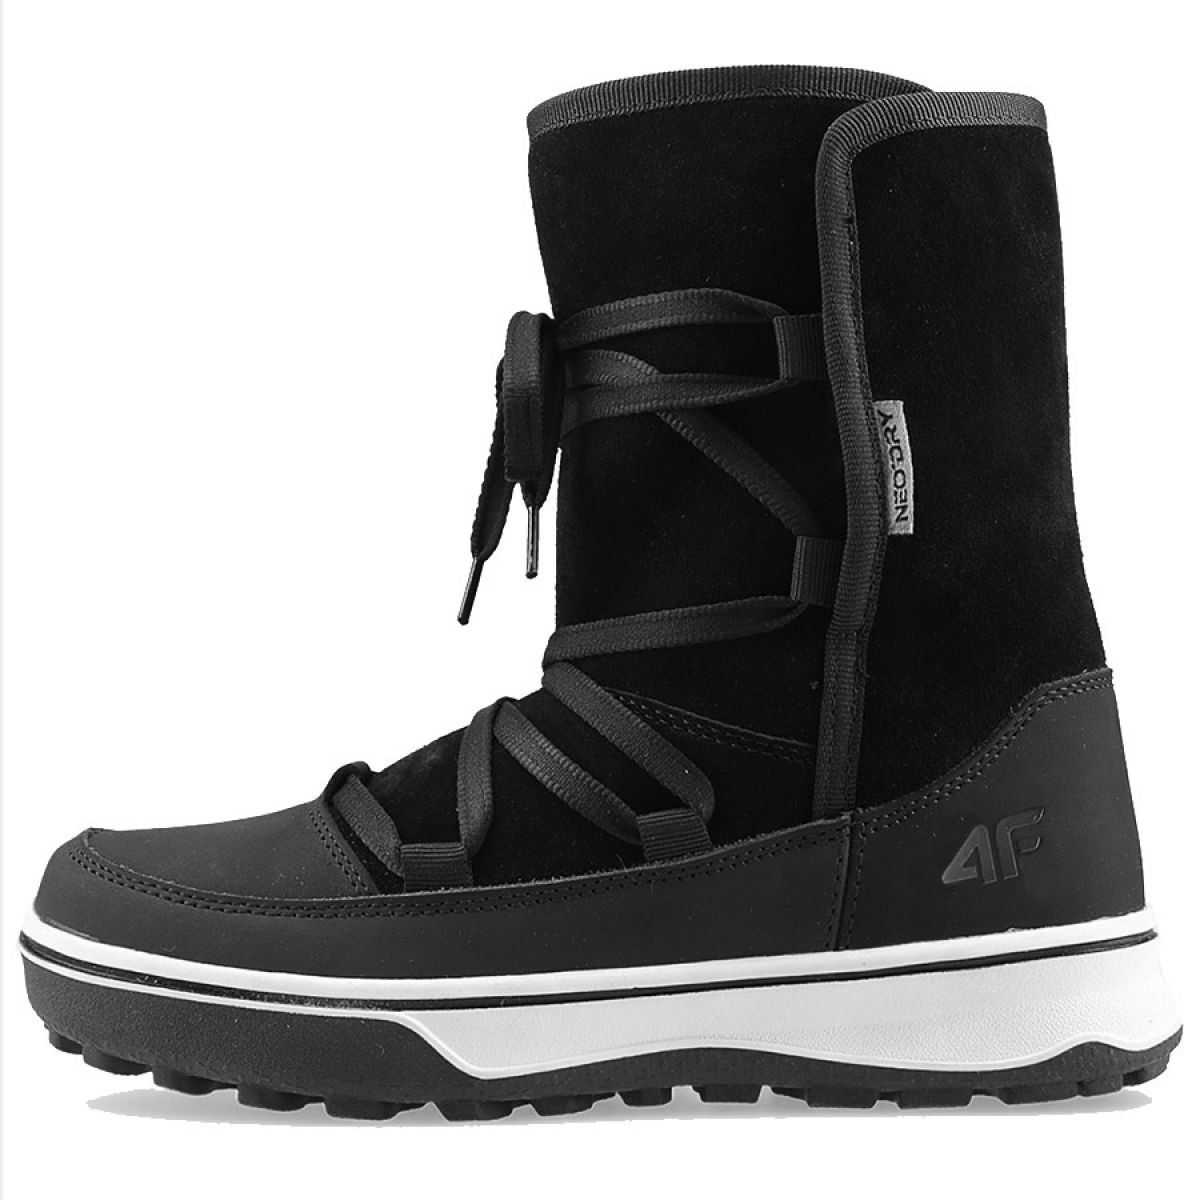 Buty Zimowe 4f W D4z19 Obdh201 21s Czarne Winter Shoes For Women Winter Shoes Sport Shoes Women